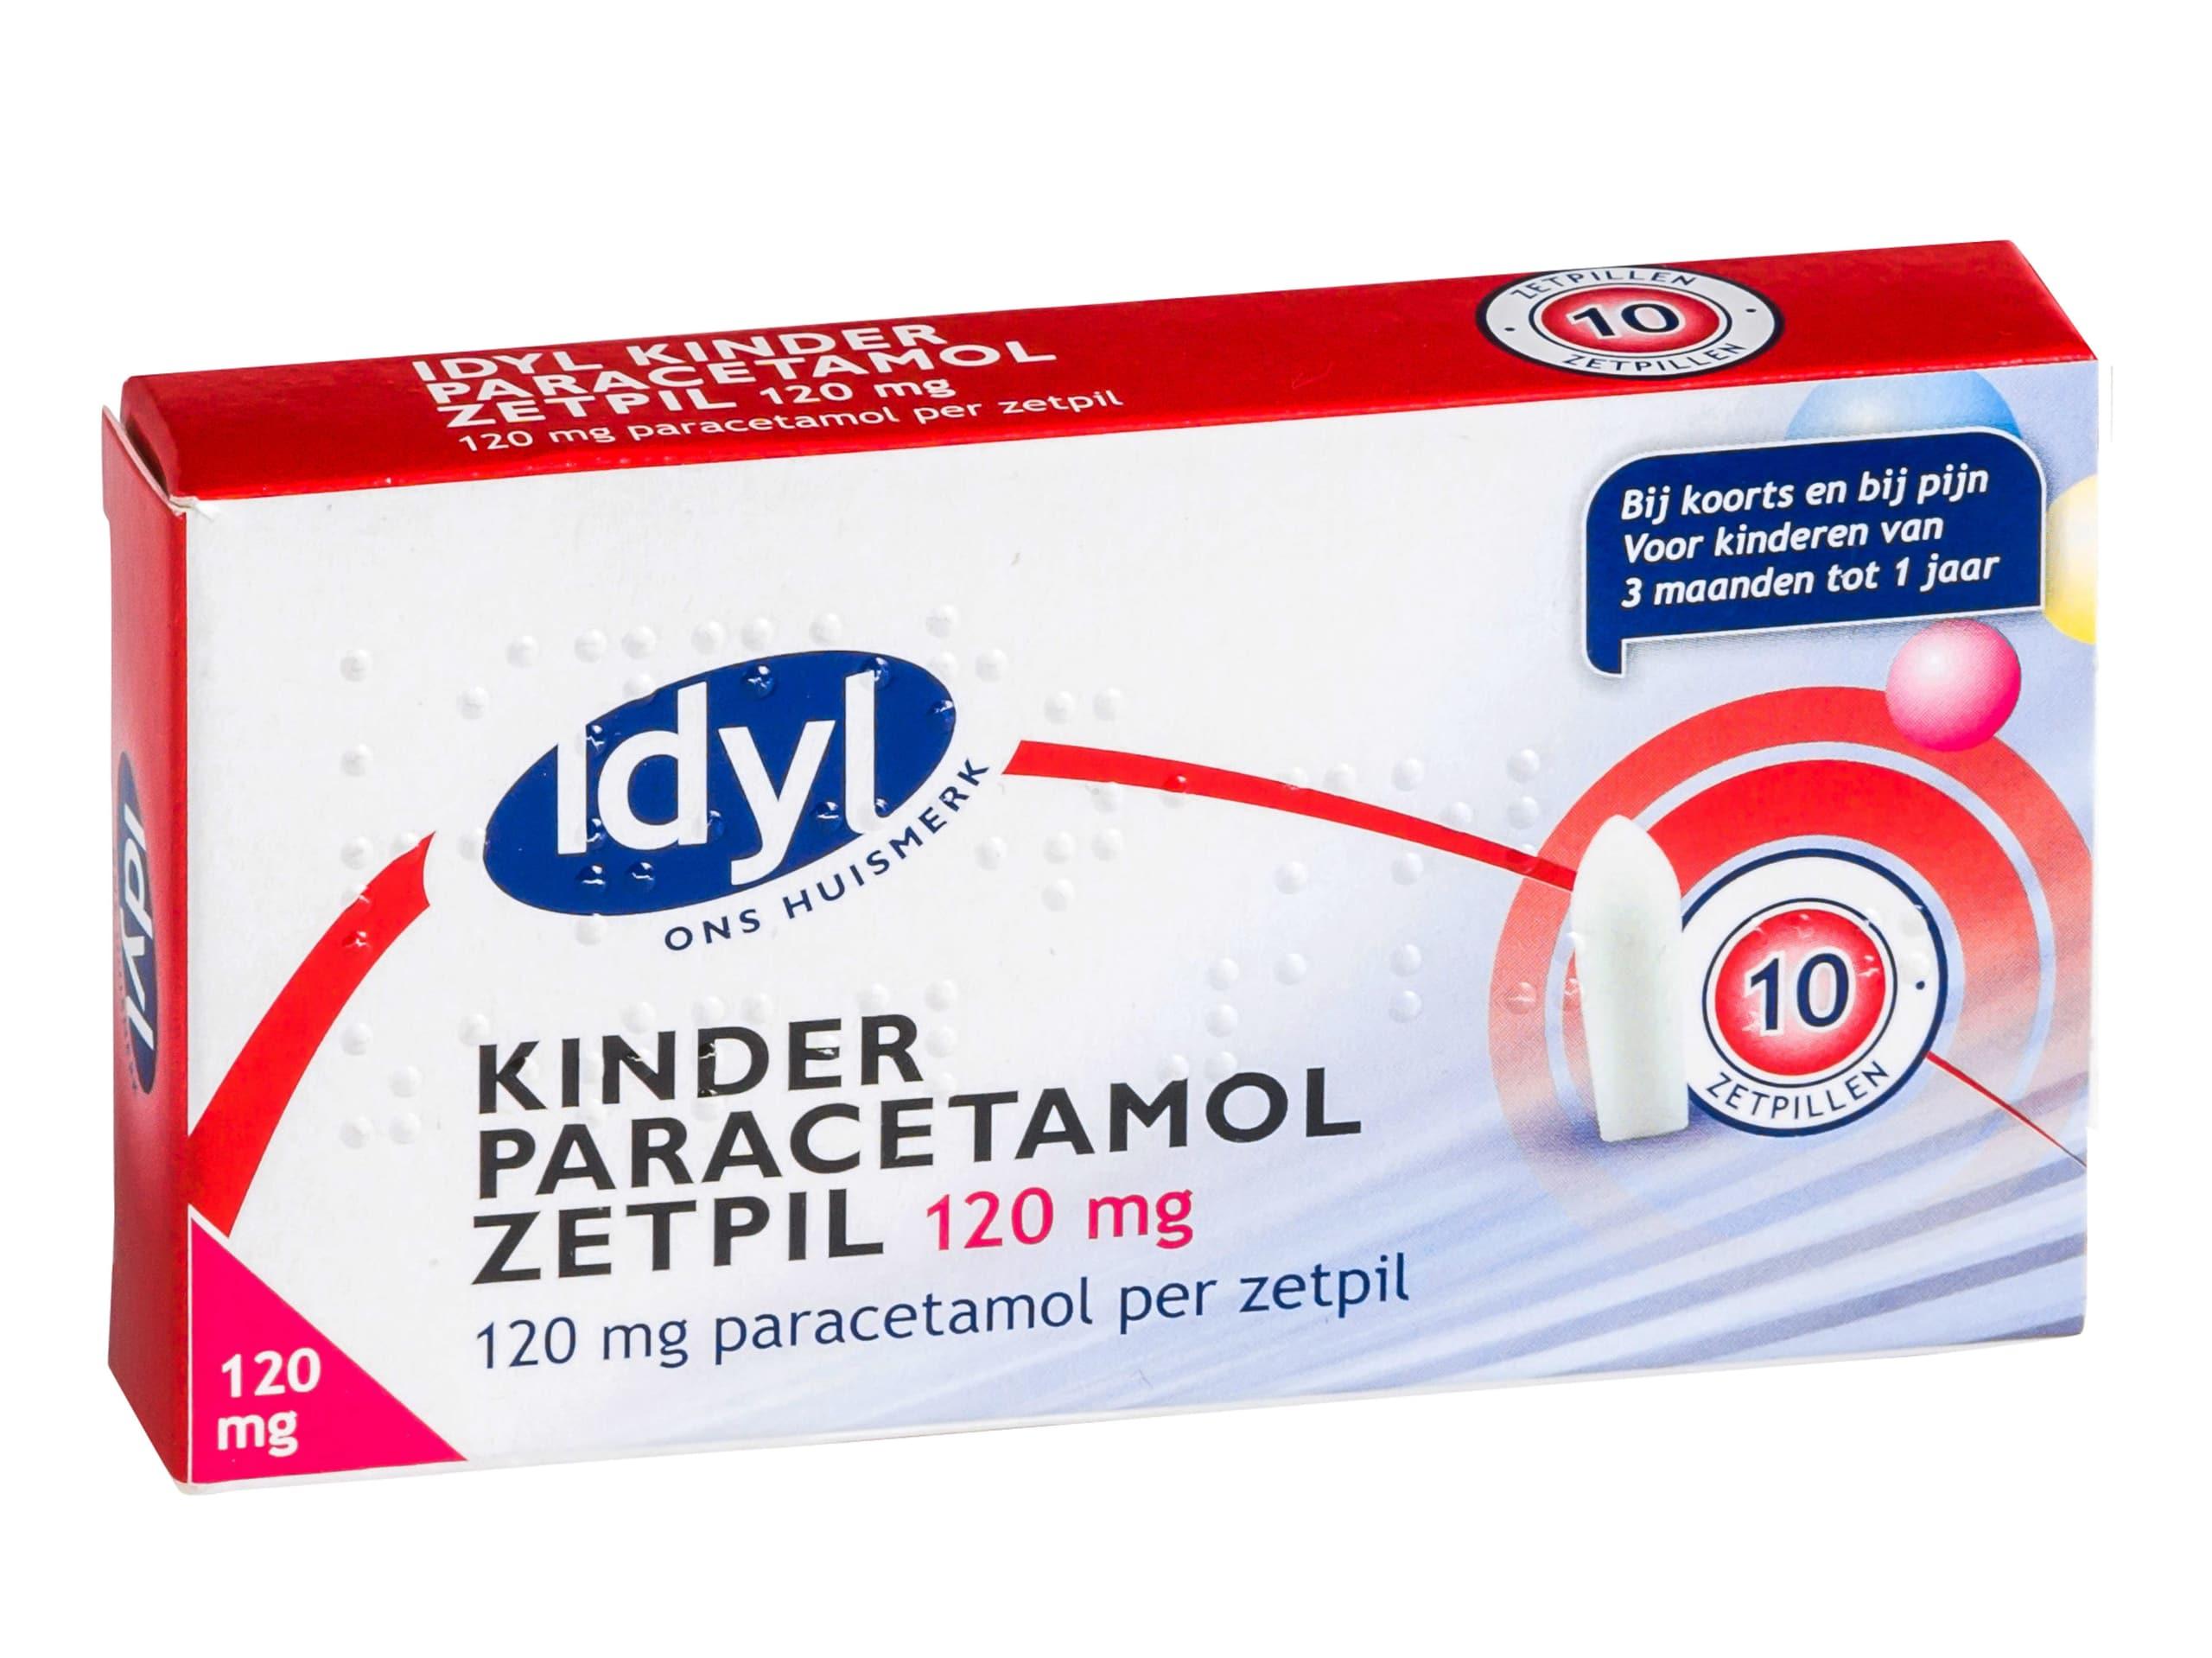 Paracetamol zetpillen voor kinderen